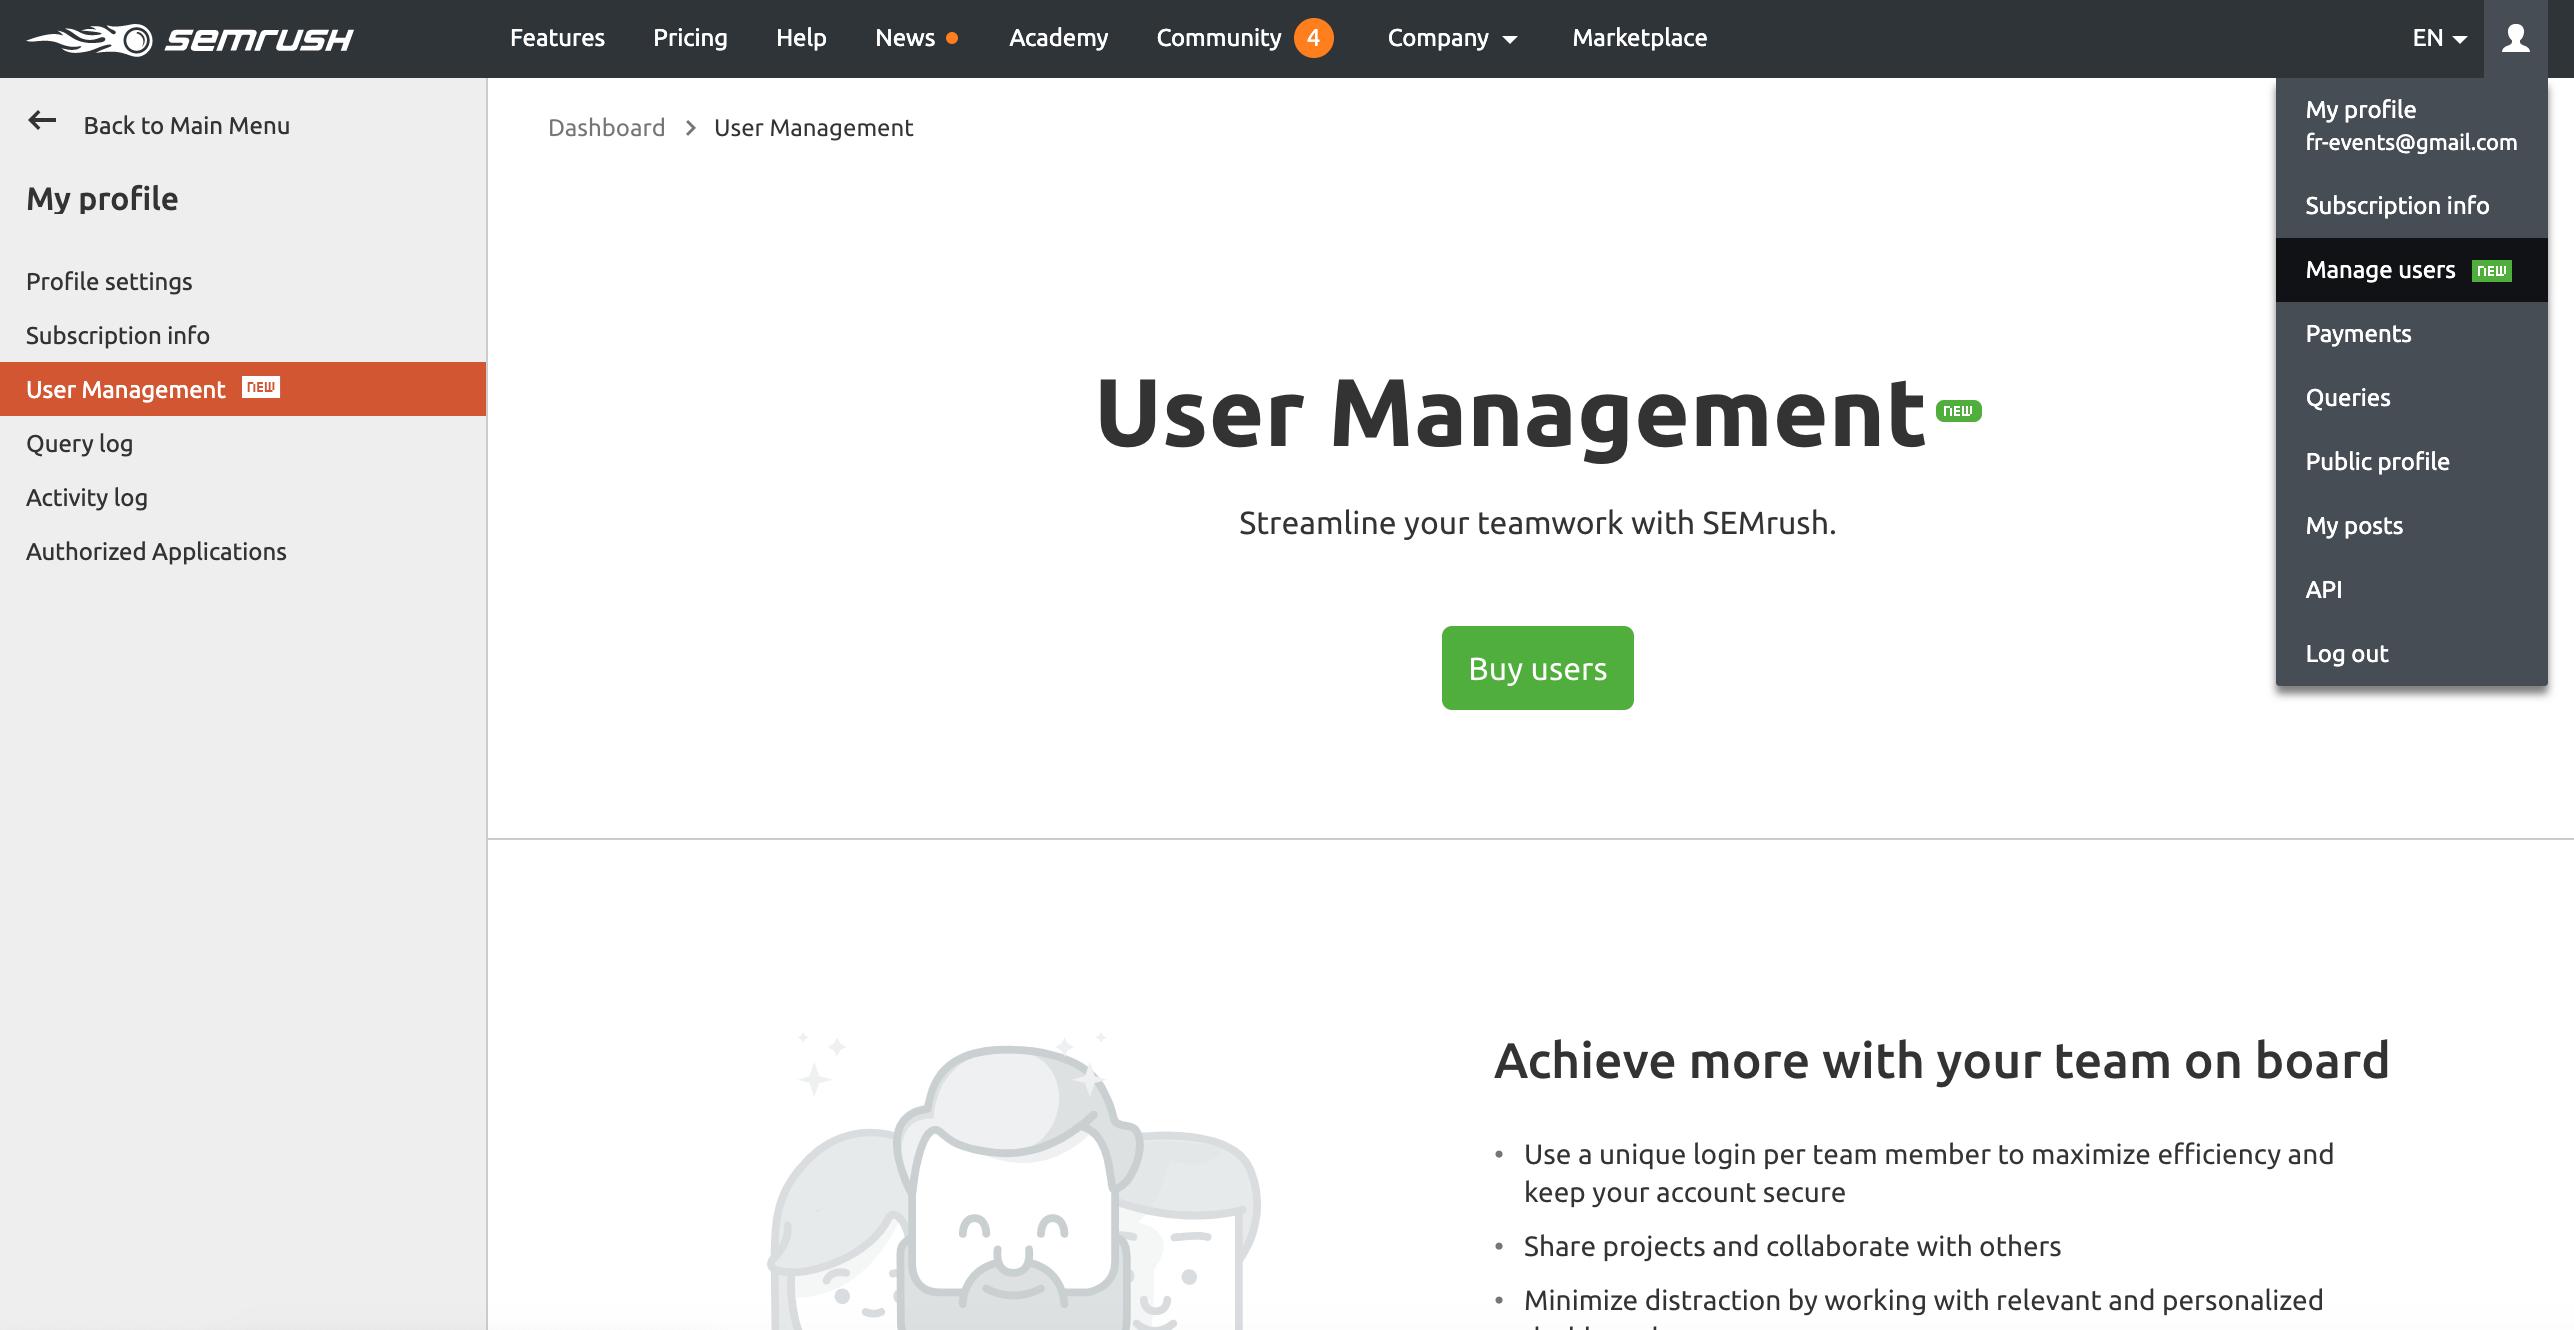 User Management Section in SEMrush